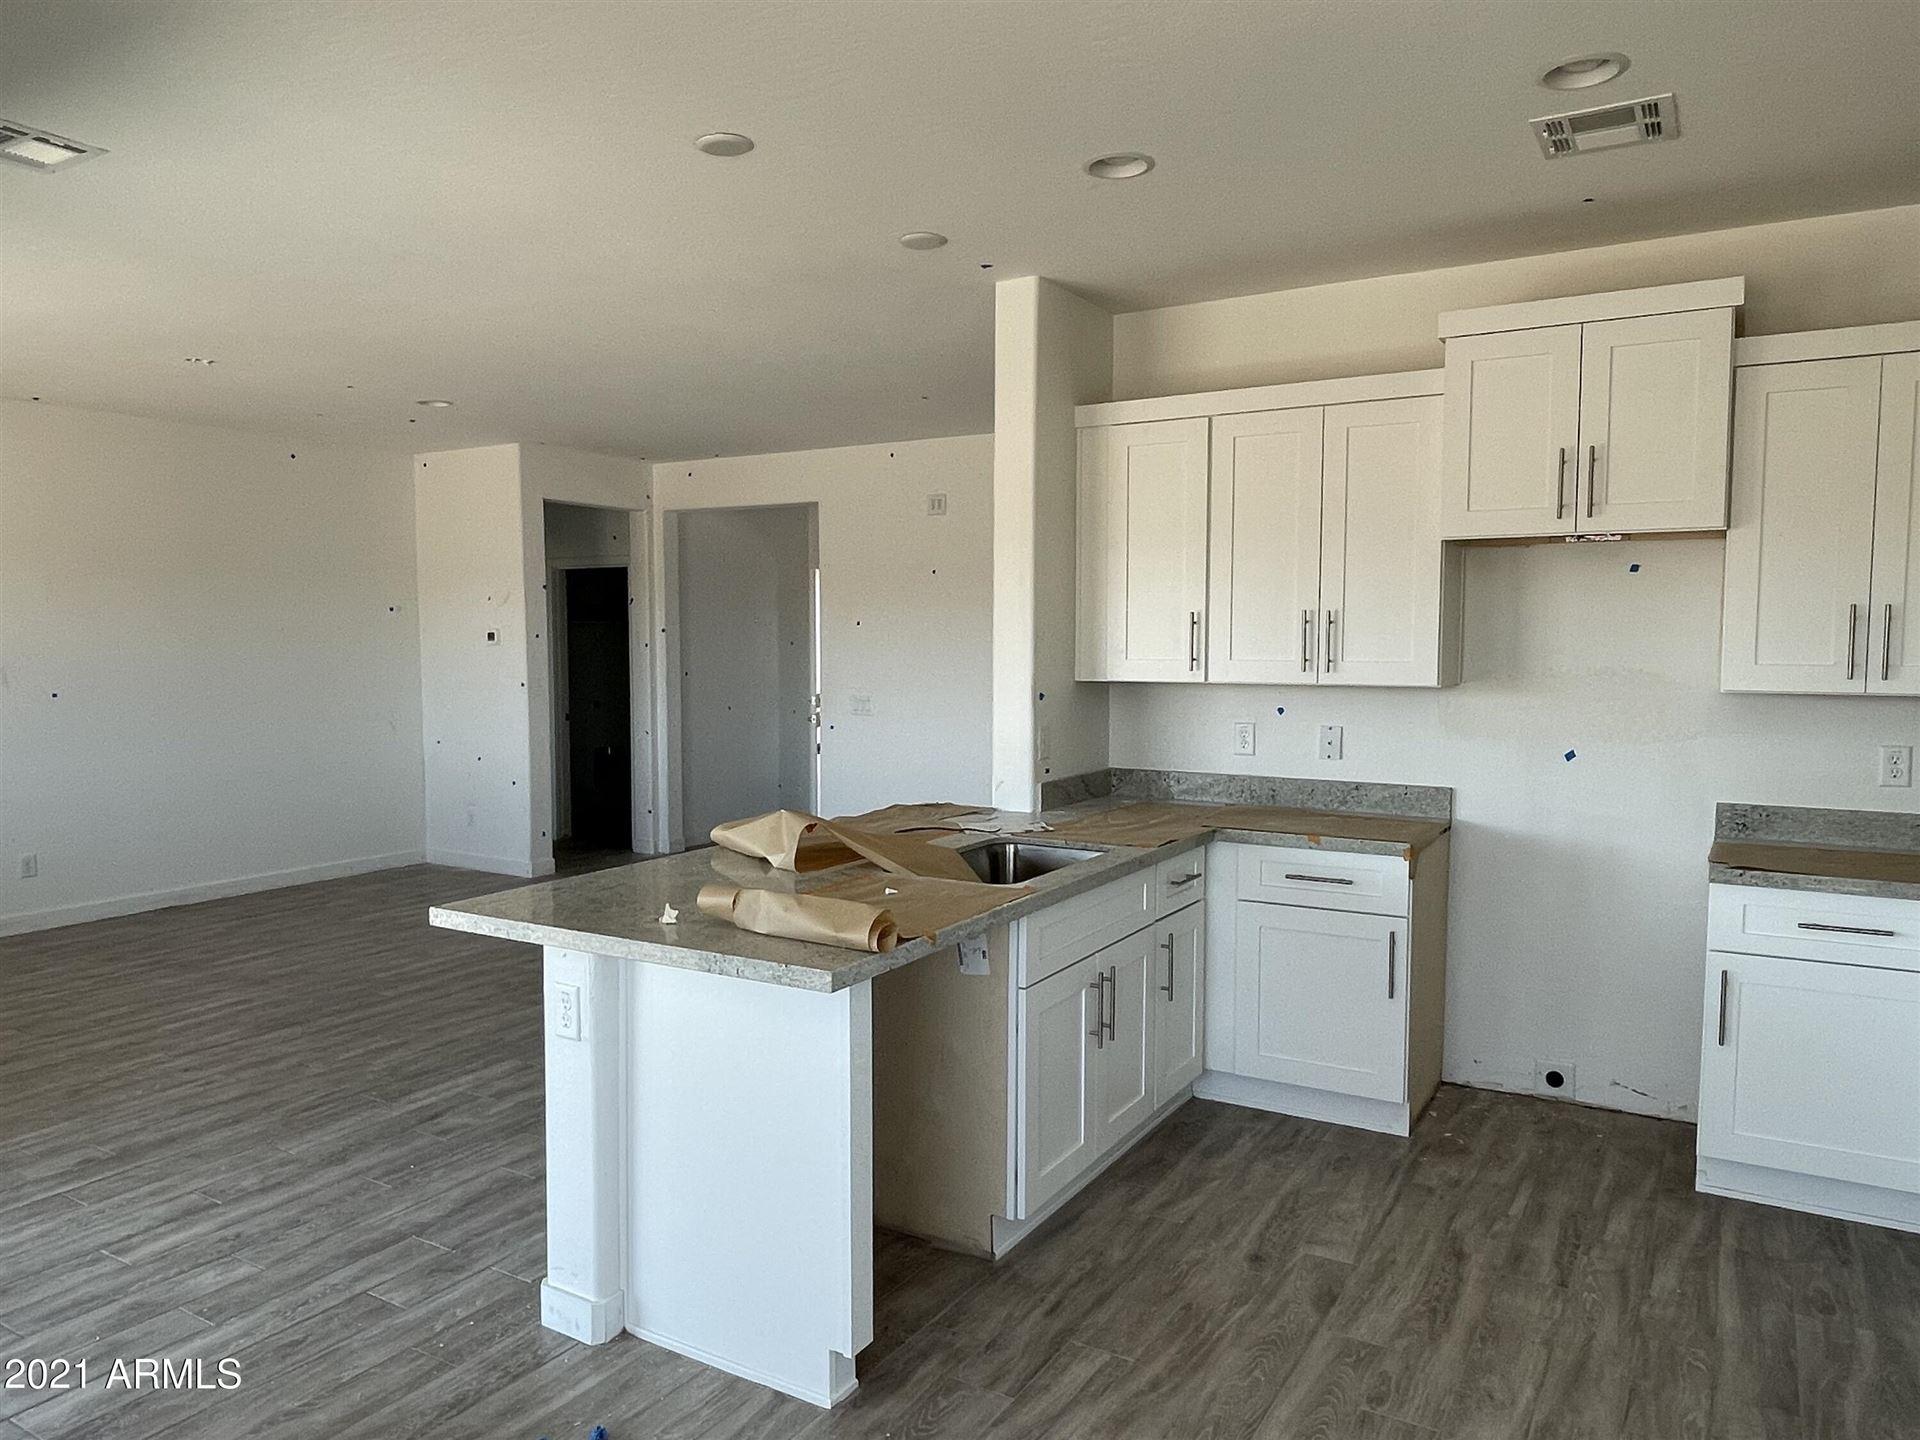 Photo of 35141 N PALM Drive, San Tan Valley, AZ 85140 (MLS # 6296799)